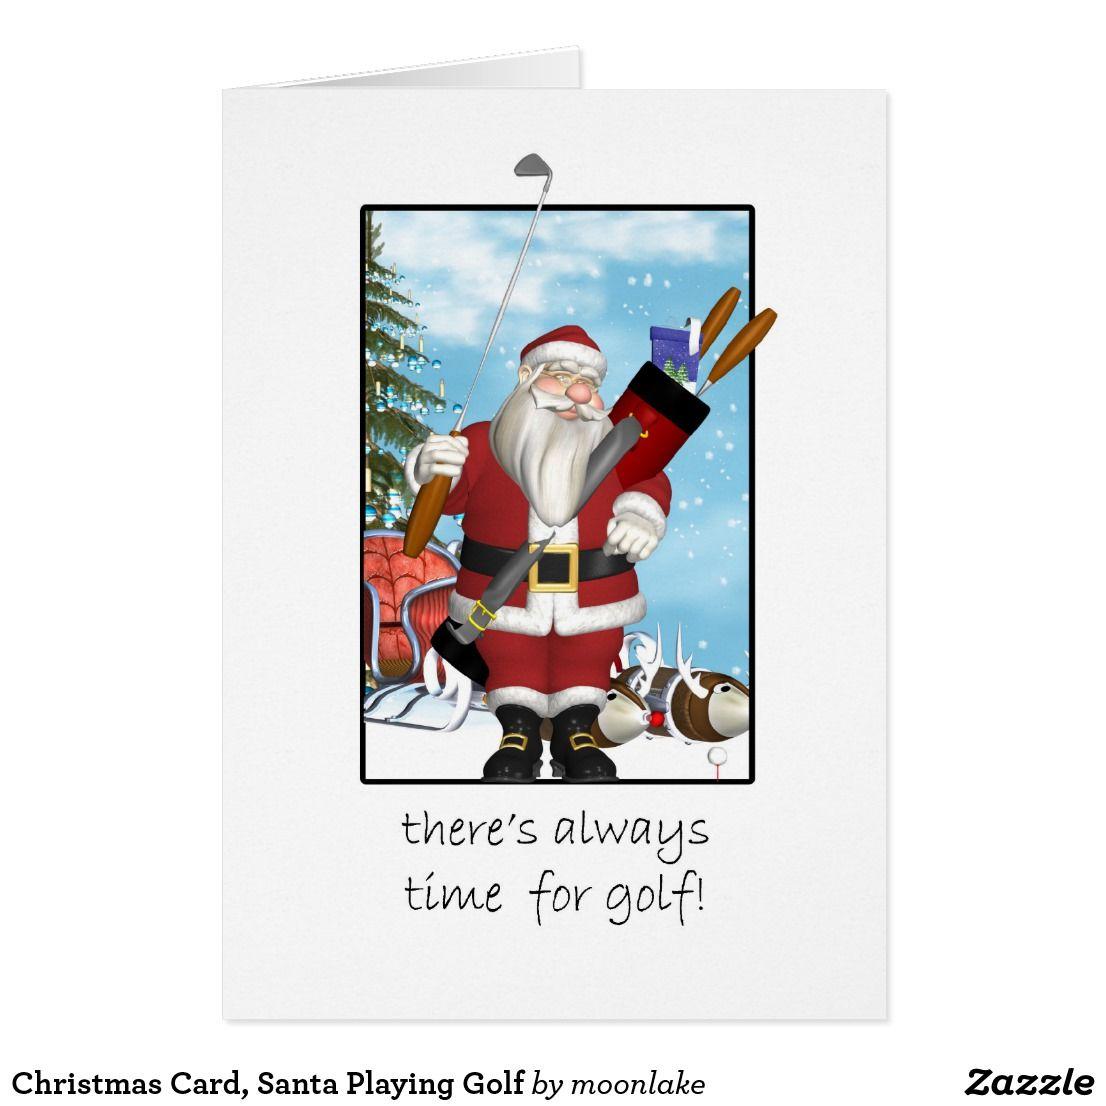 Christmas Card, Santa Playing Golf Holiday Card | Pinterest